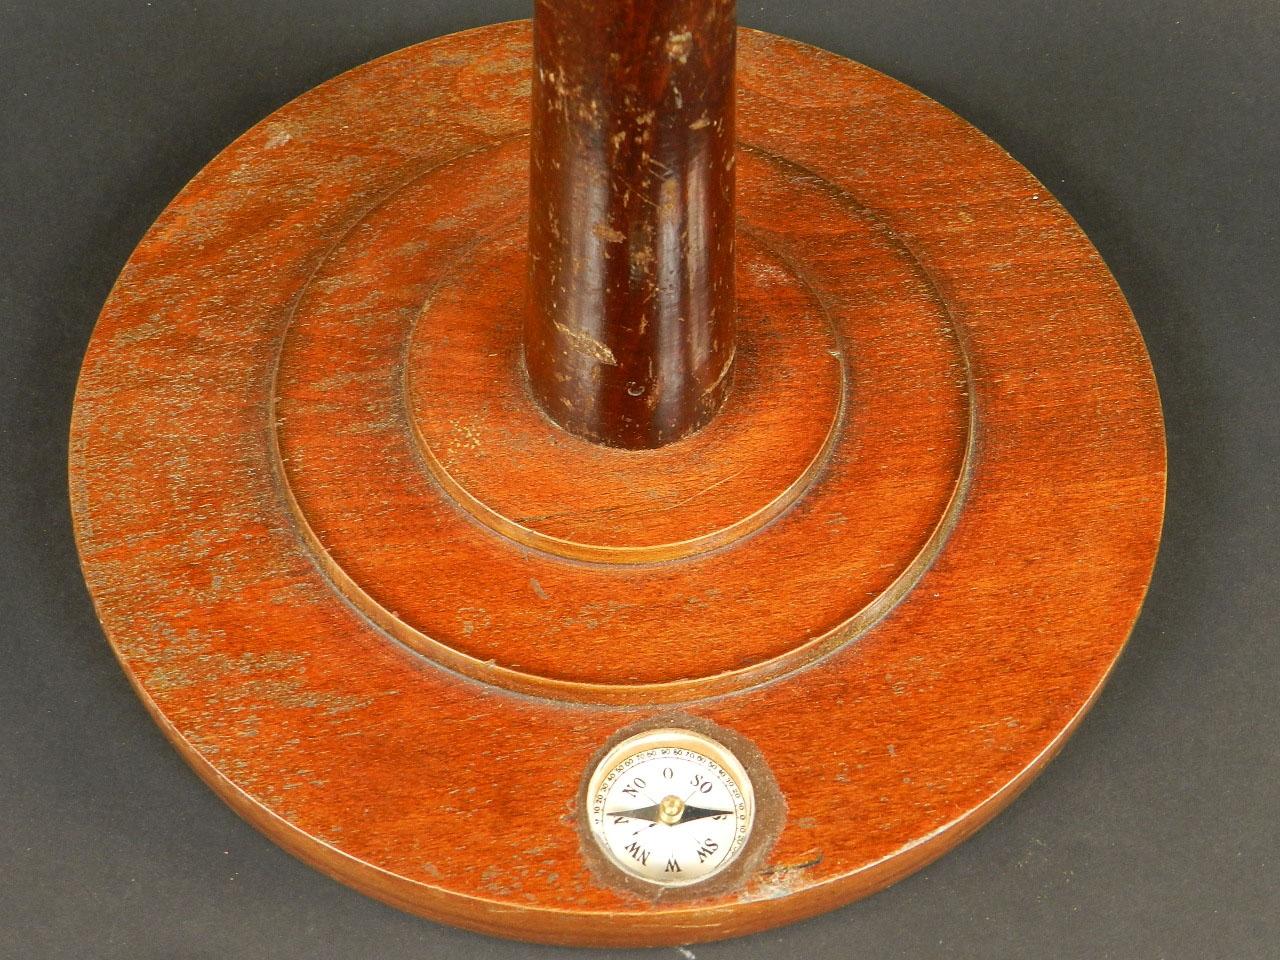 Imagen ESPECTACULAR GLOBO TERRÁQUEO MANG´S 104 cm 26060